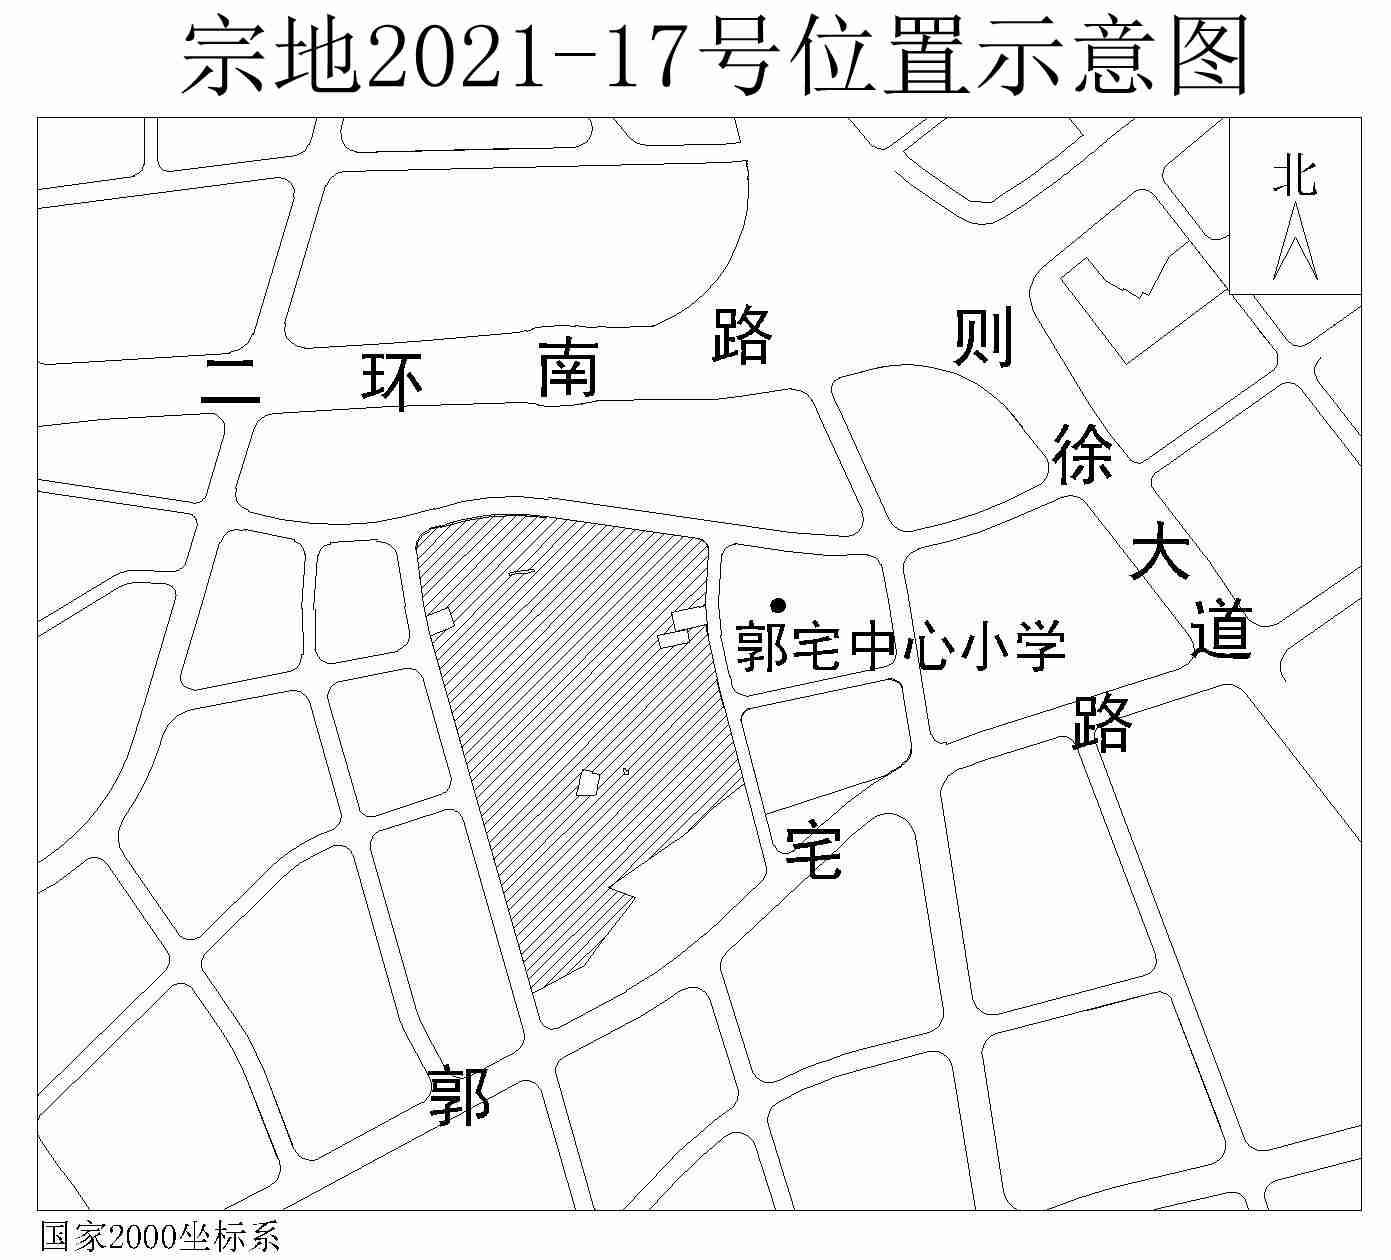 共出让33幅地块!福州首次发布六城区土地集中出让公告